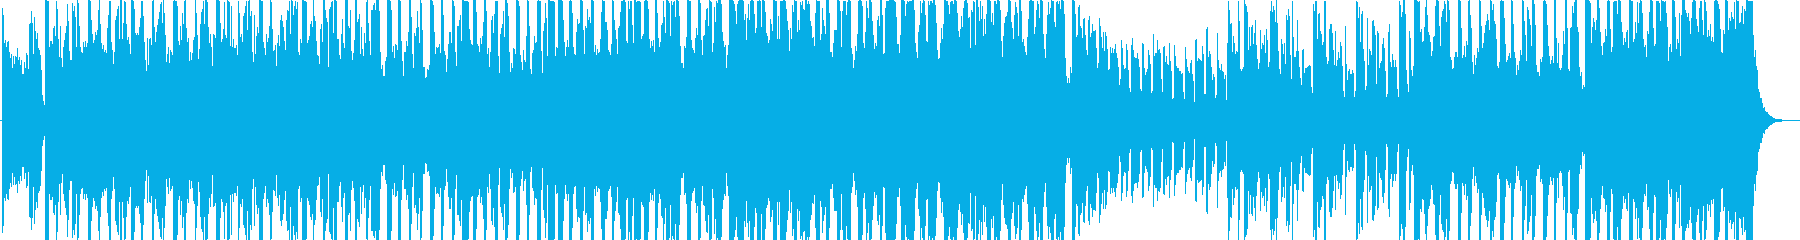 タイムラプス映像向け濃厚なアブストラクトの再生済みの波形